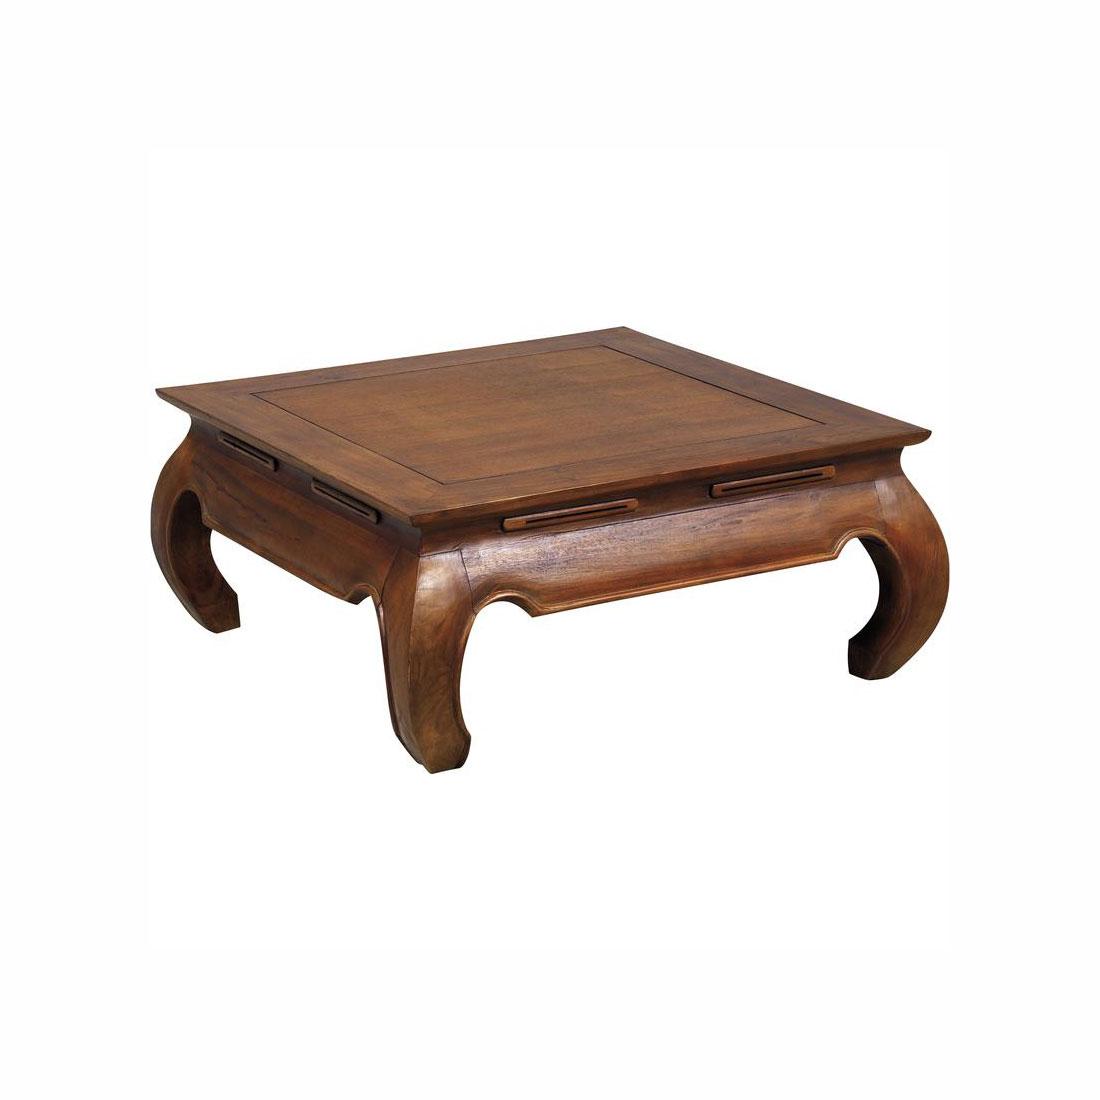 Table basse opium en teck 80 cm - Table basse maison coloniale ...